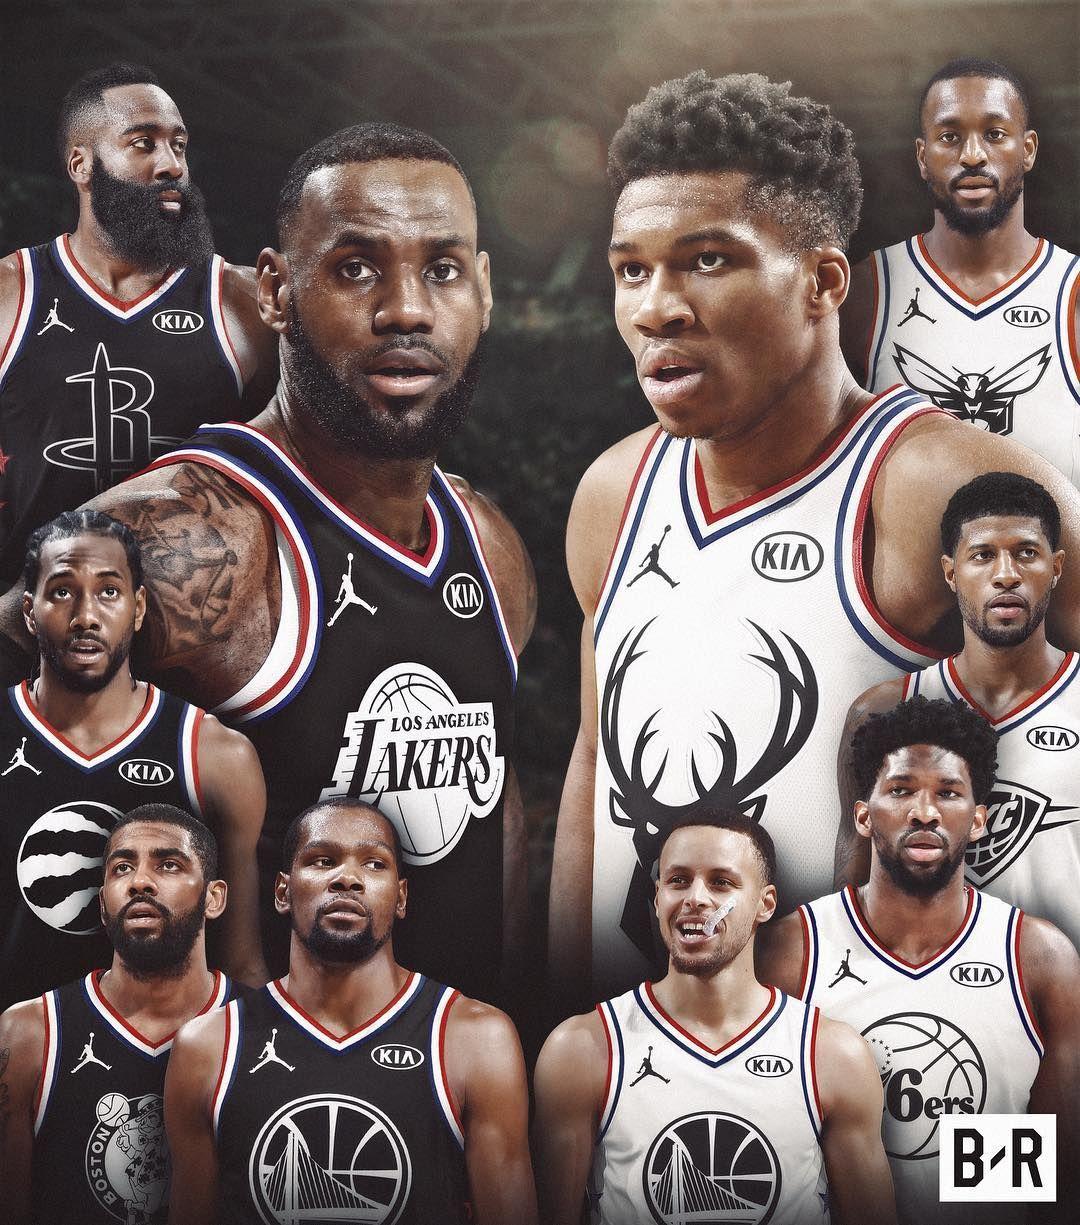 Nba basketball art, Best nba players